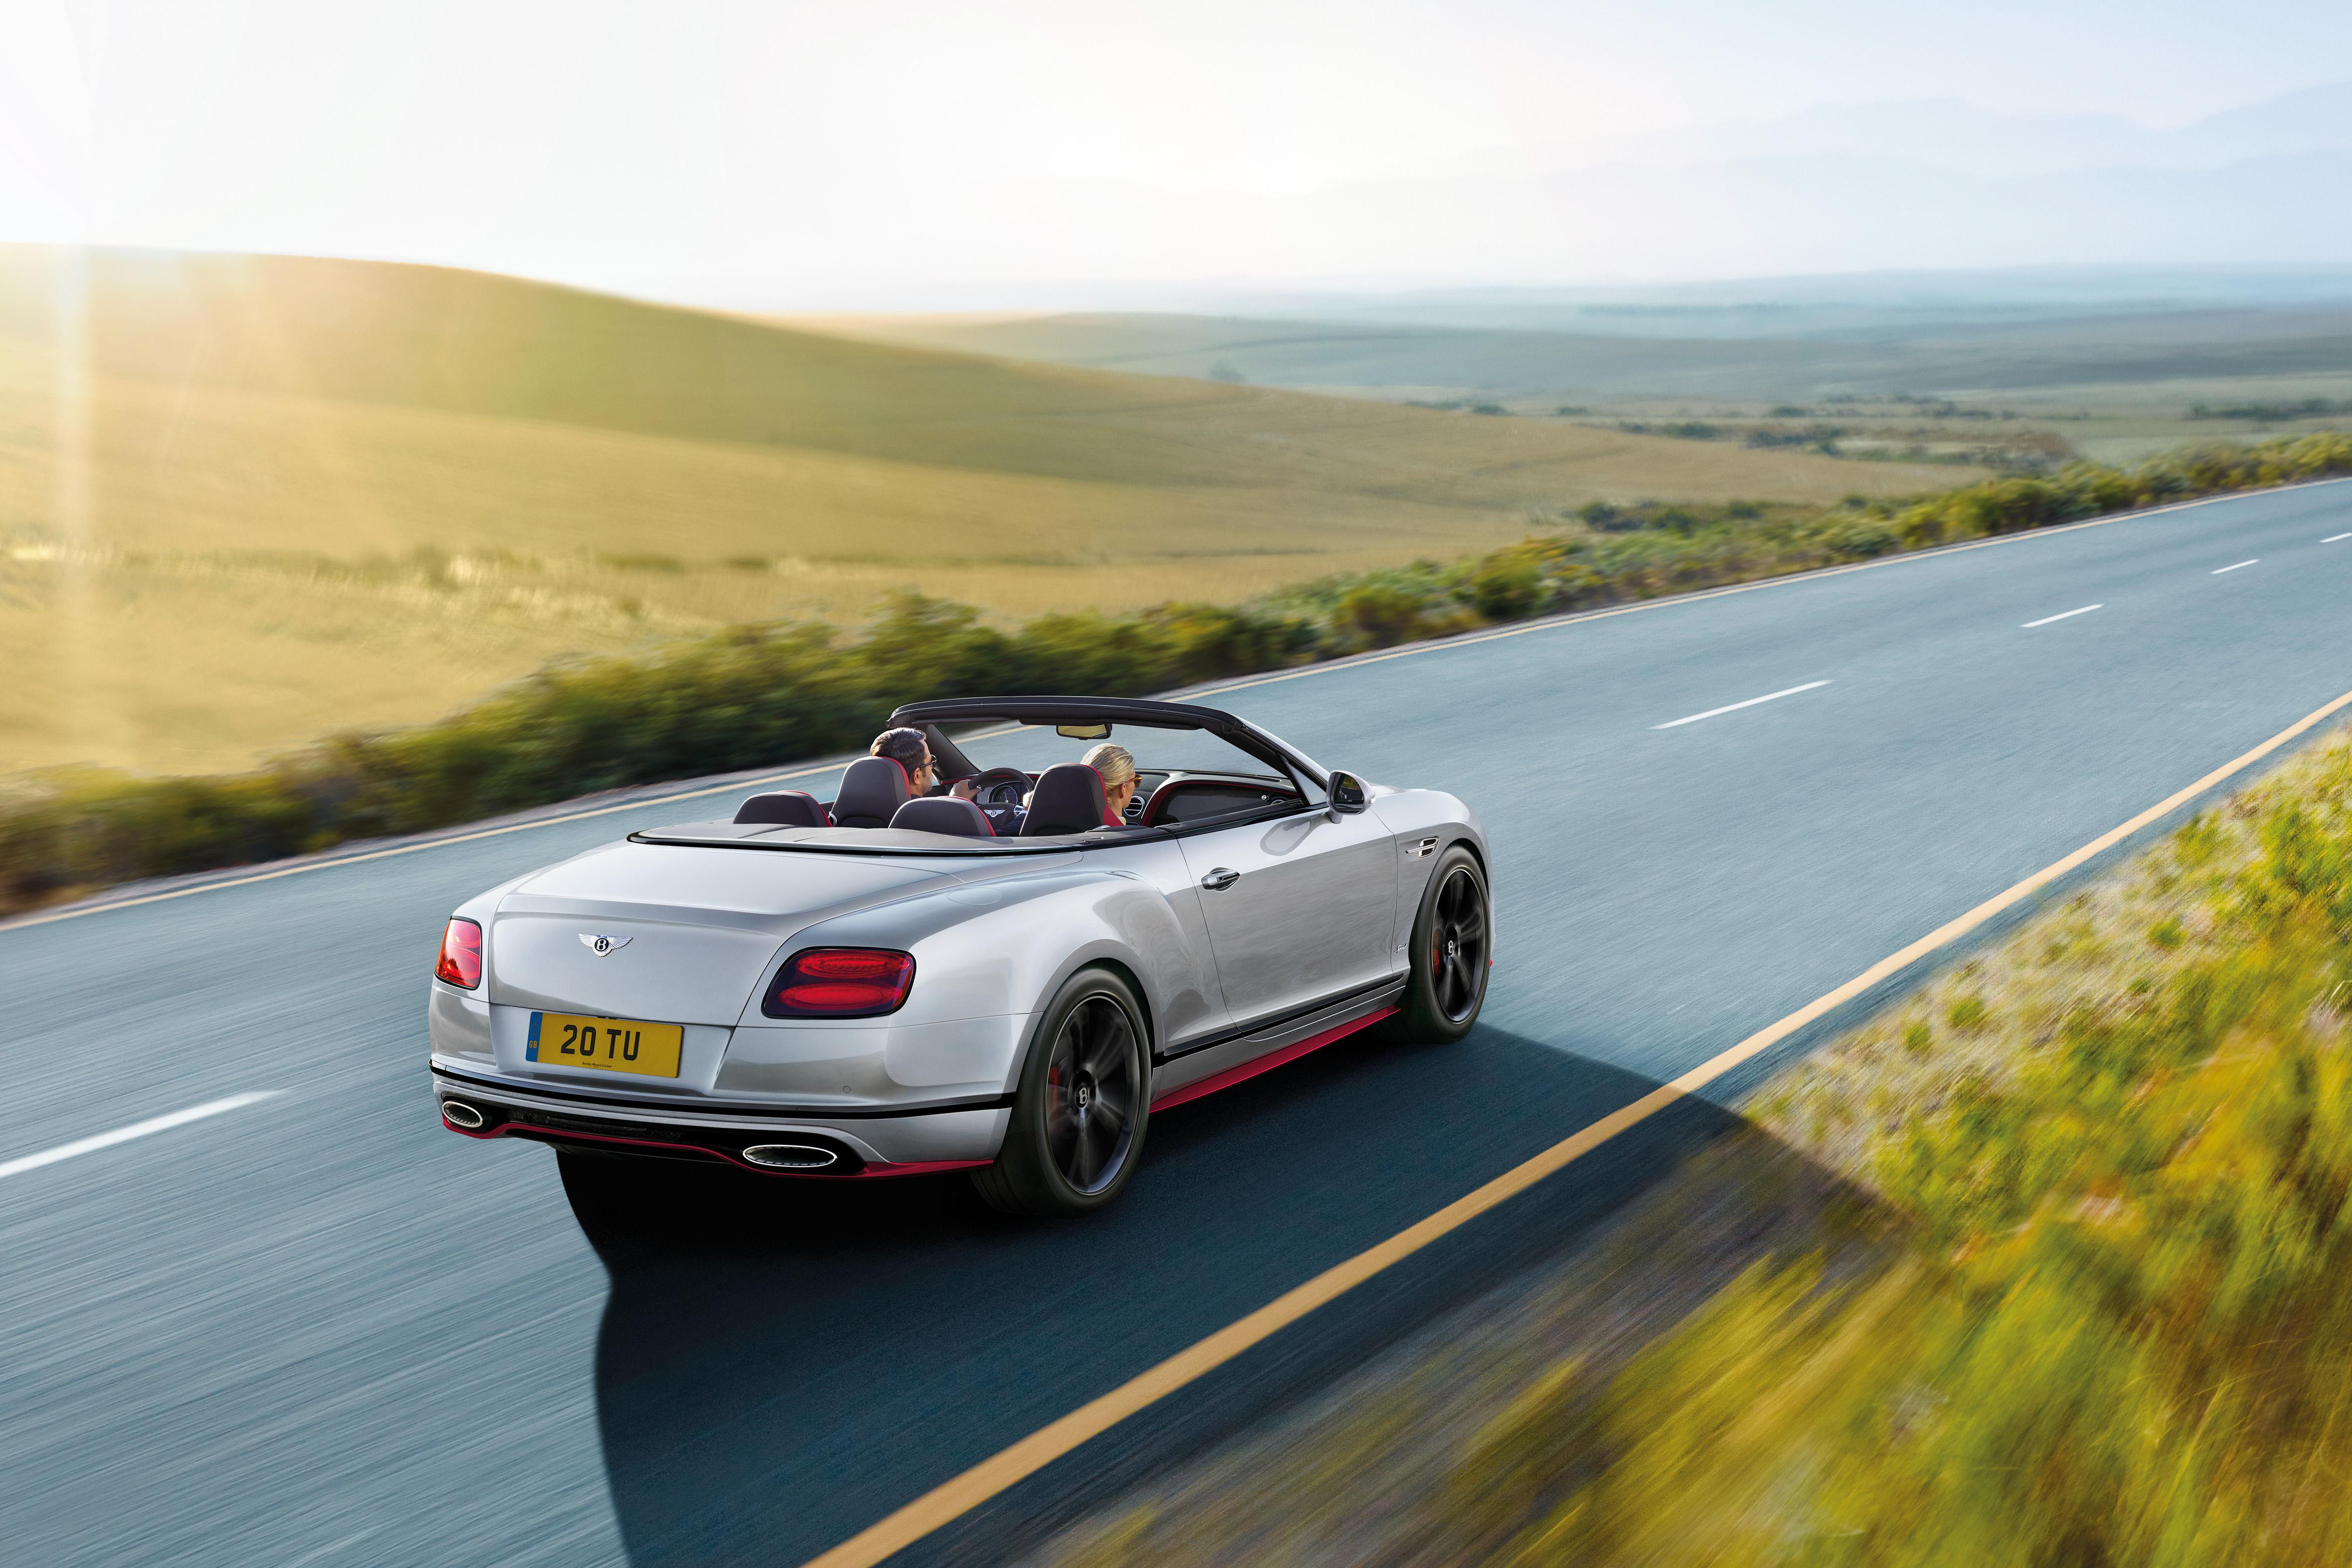 41+ Gambar Mobil Sport Bentley Gratis Terbaik